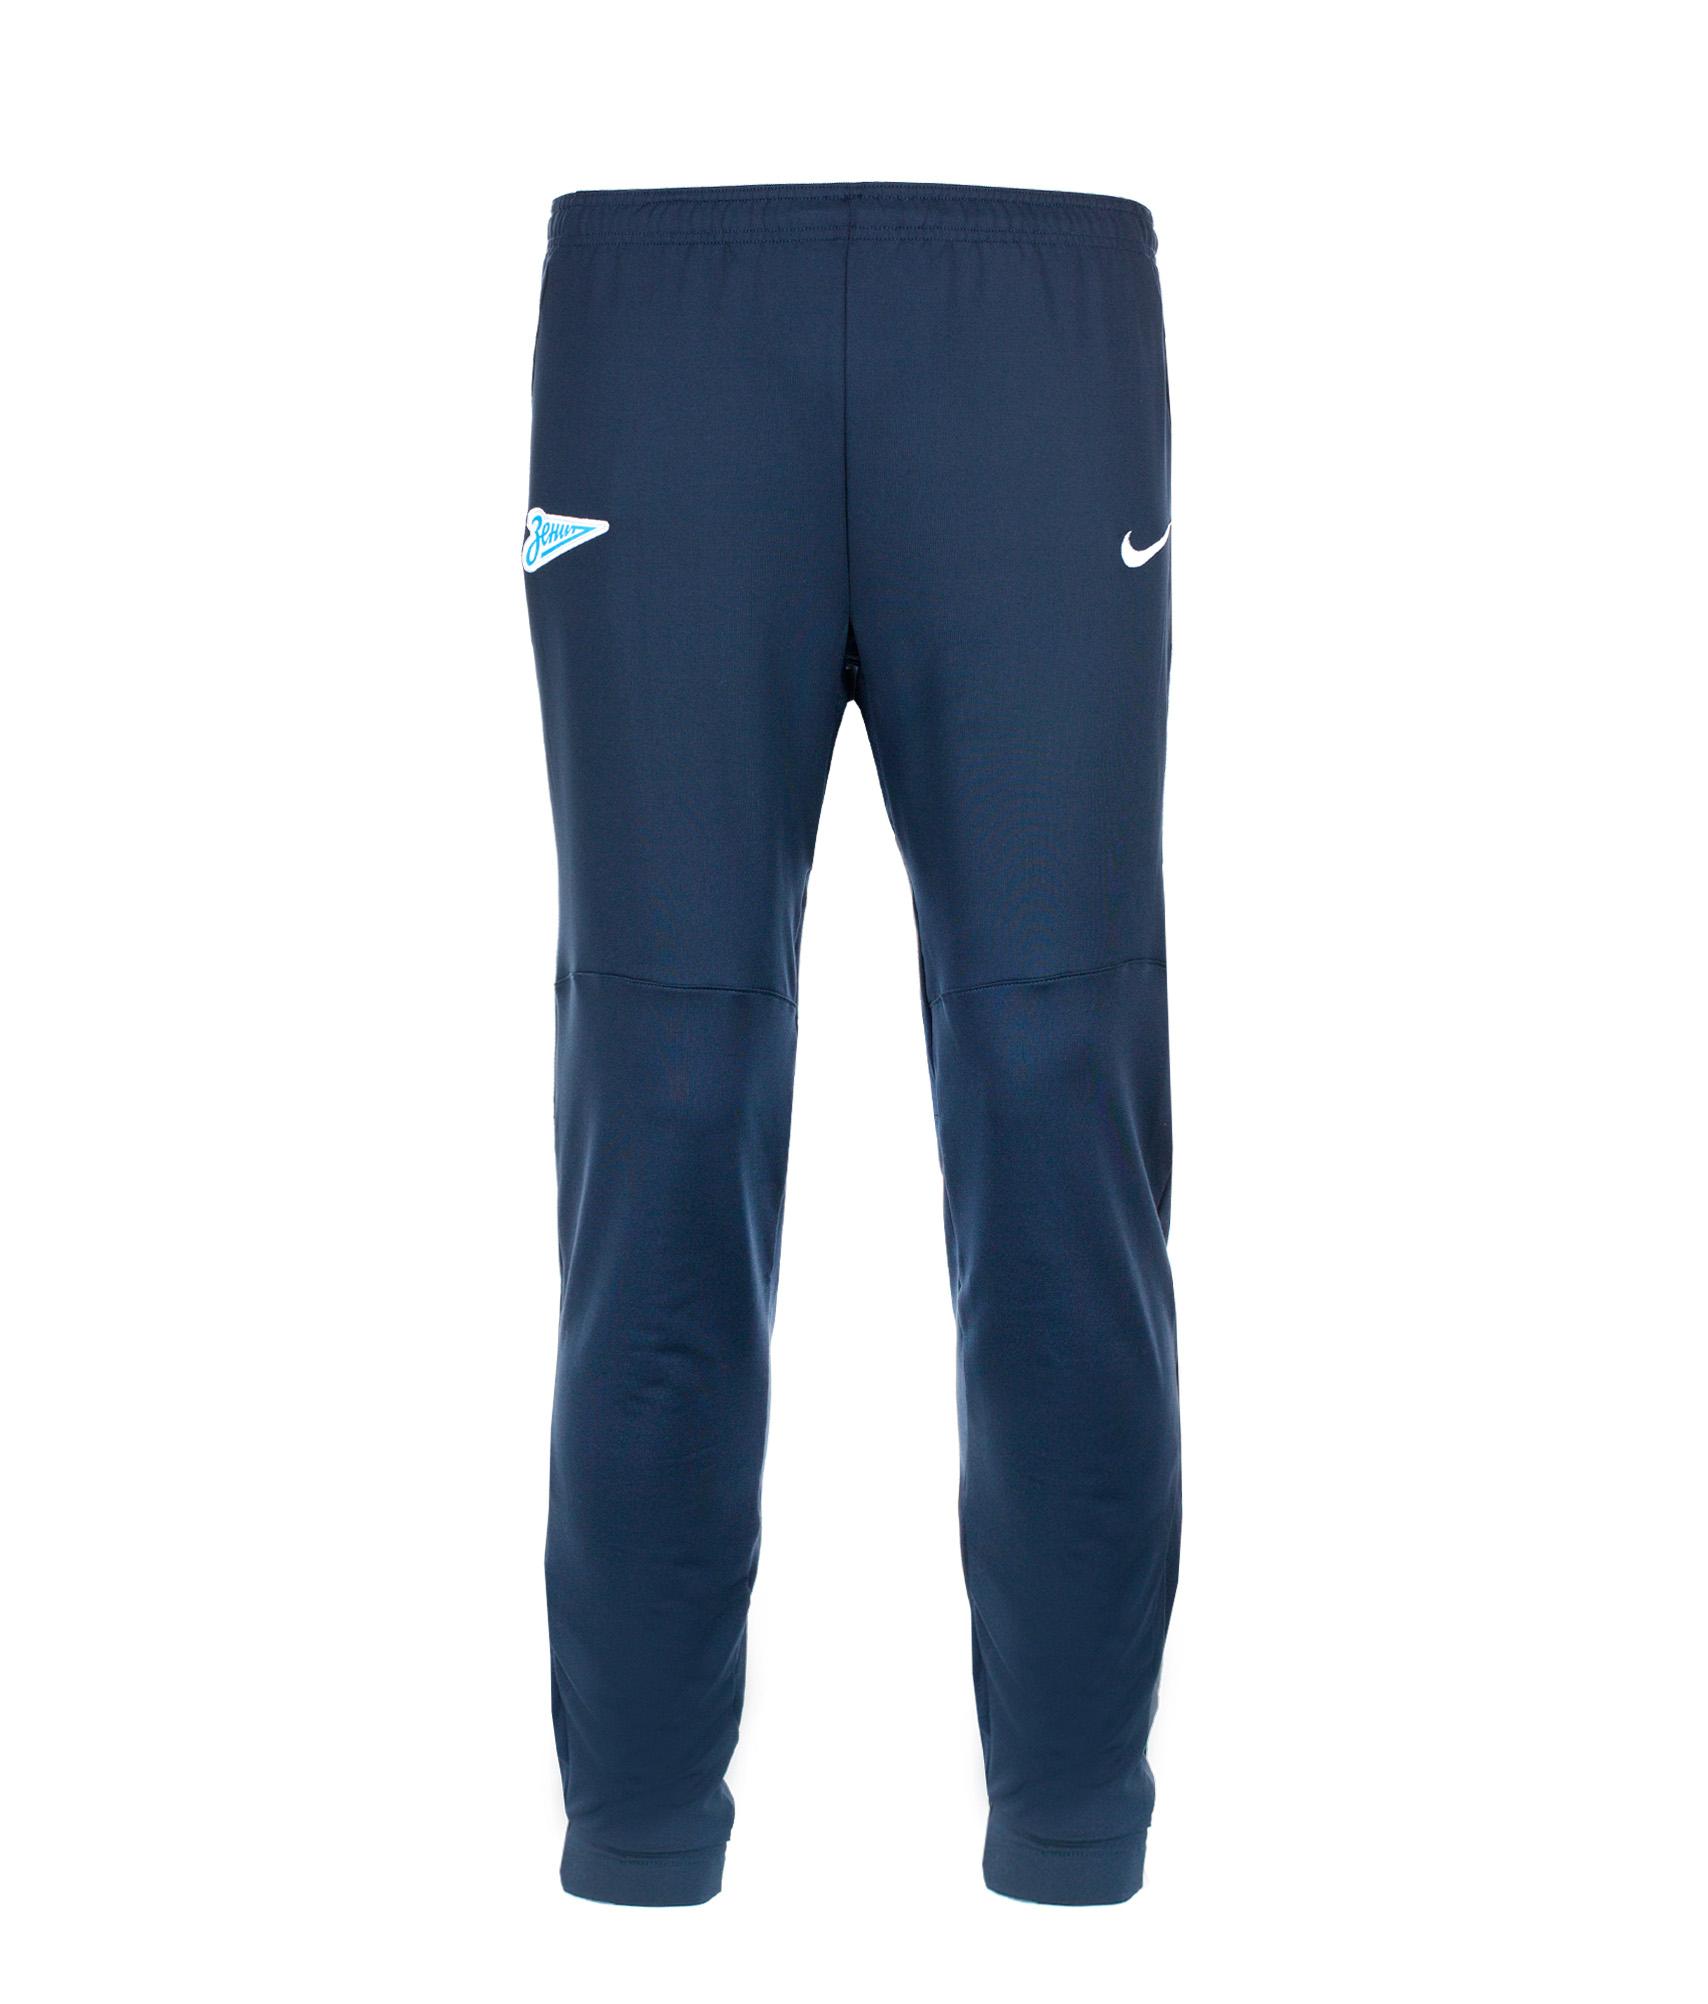 Брюки тренировочные Nike Zenit Select Tech Pant, Цвет-Синий, Размер-L